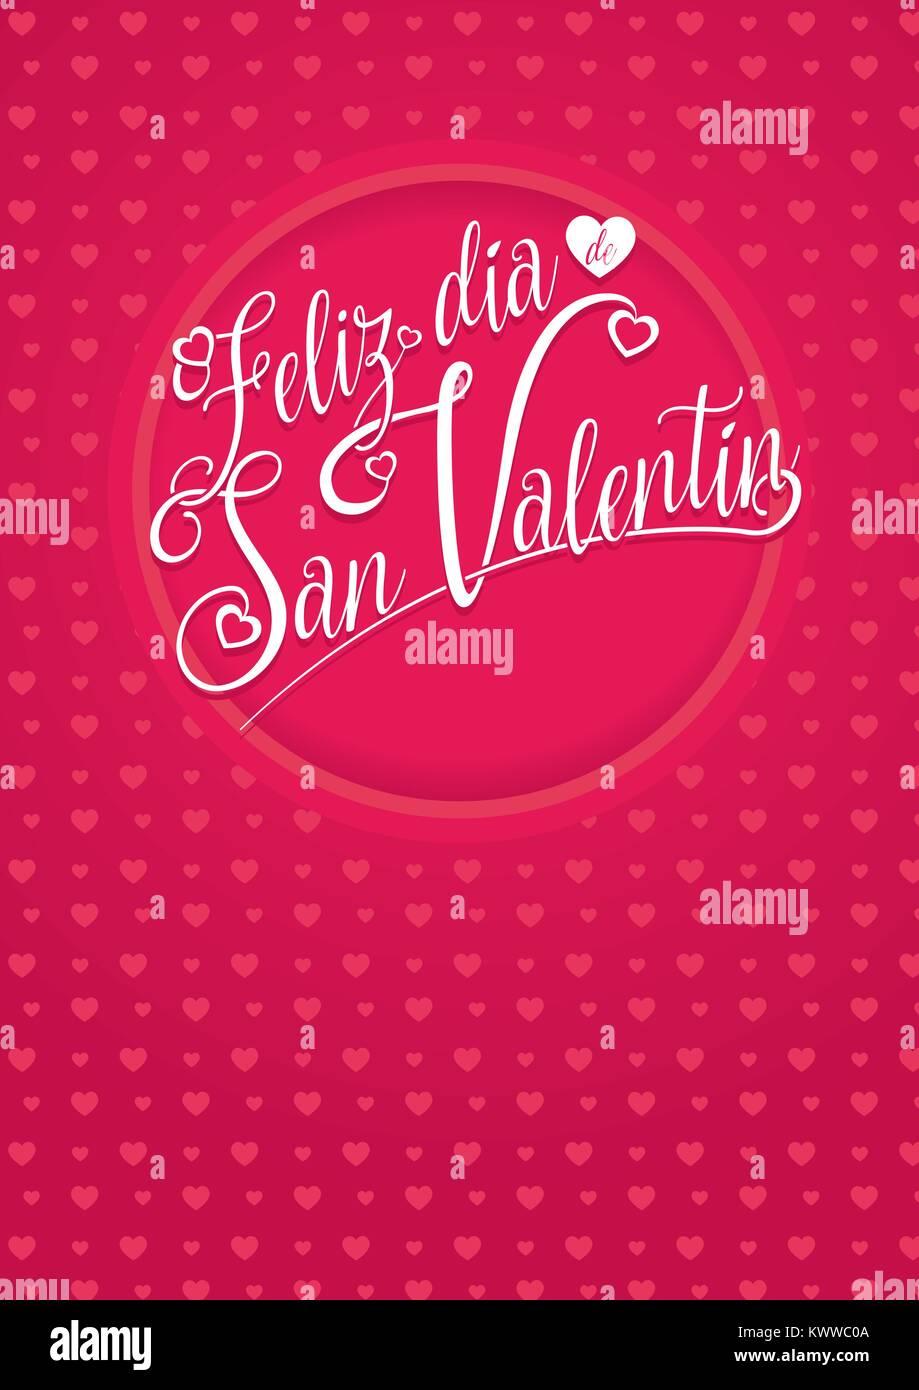 Feliz Dia De San Valentin Happy Valentines Day In Spanish